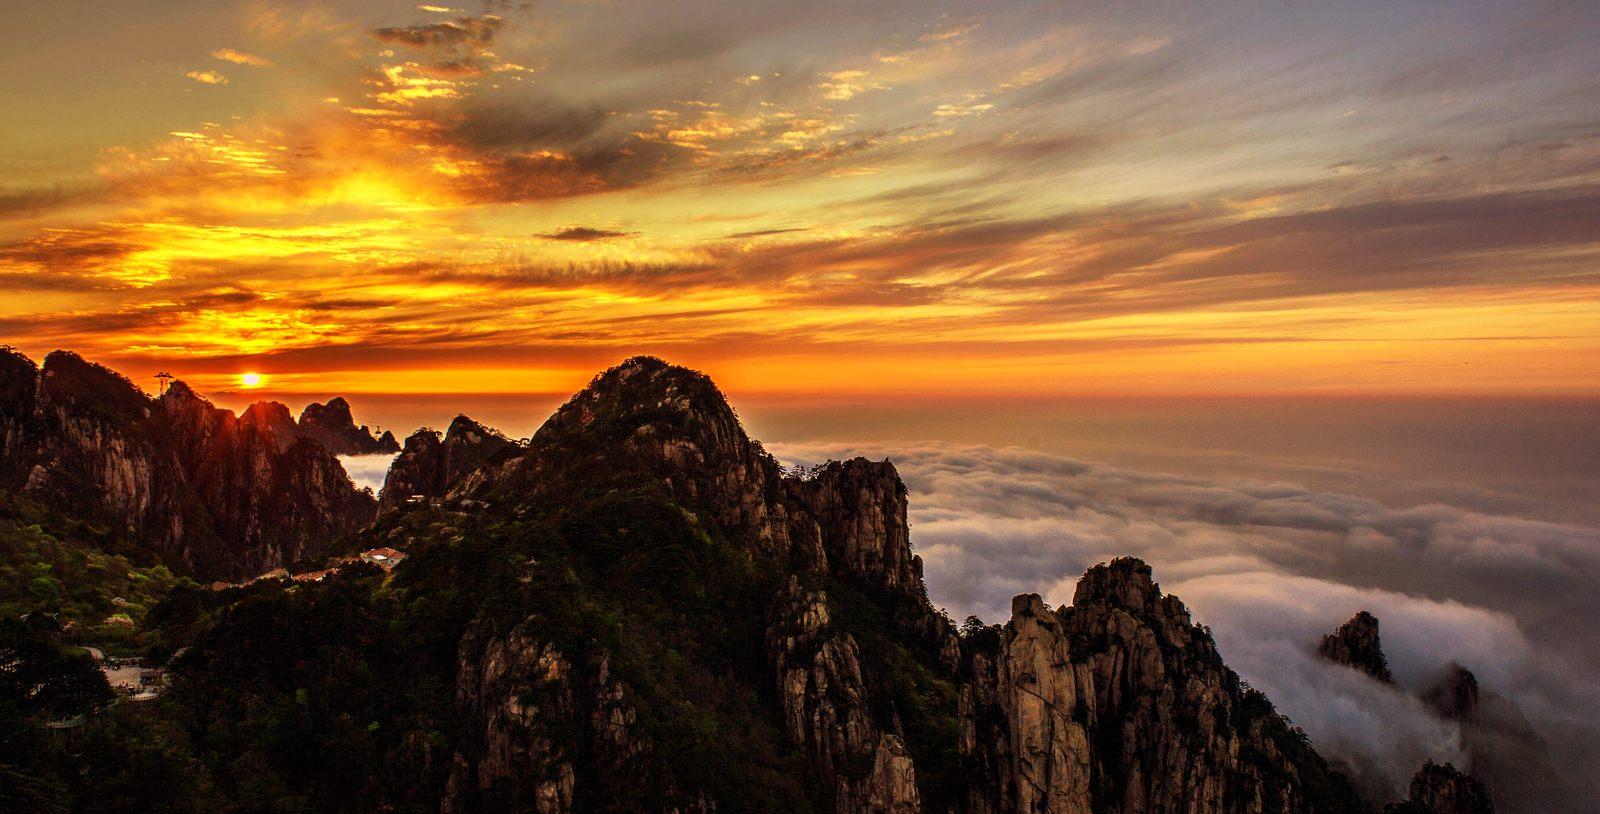 山海原野作品:黄山日落